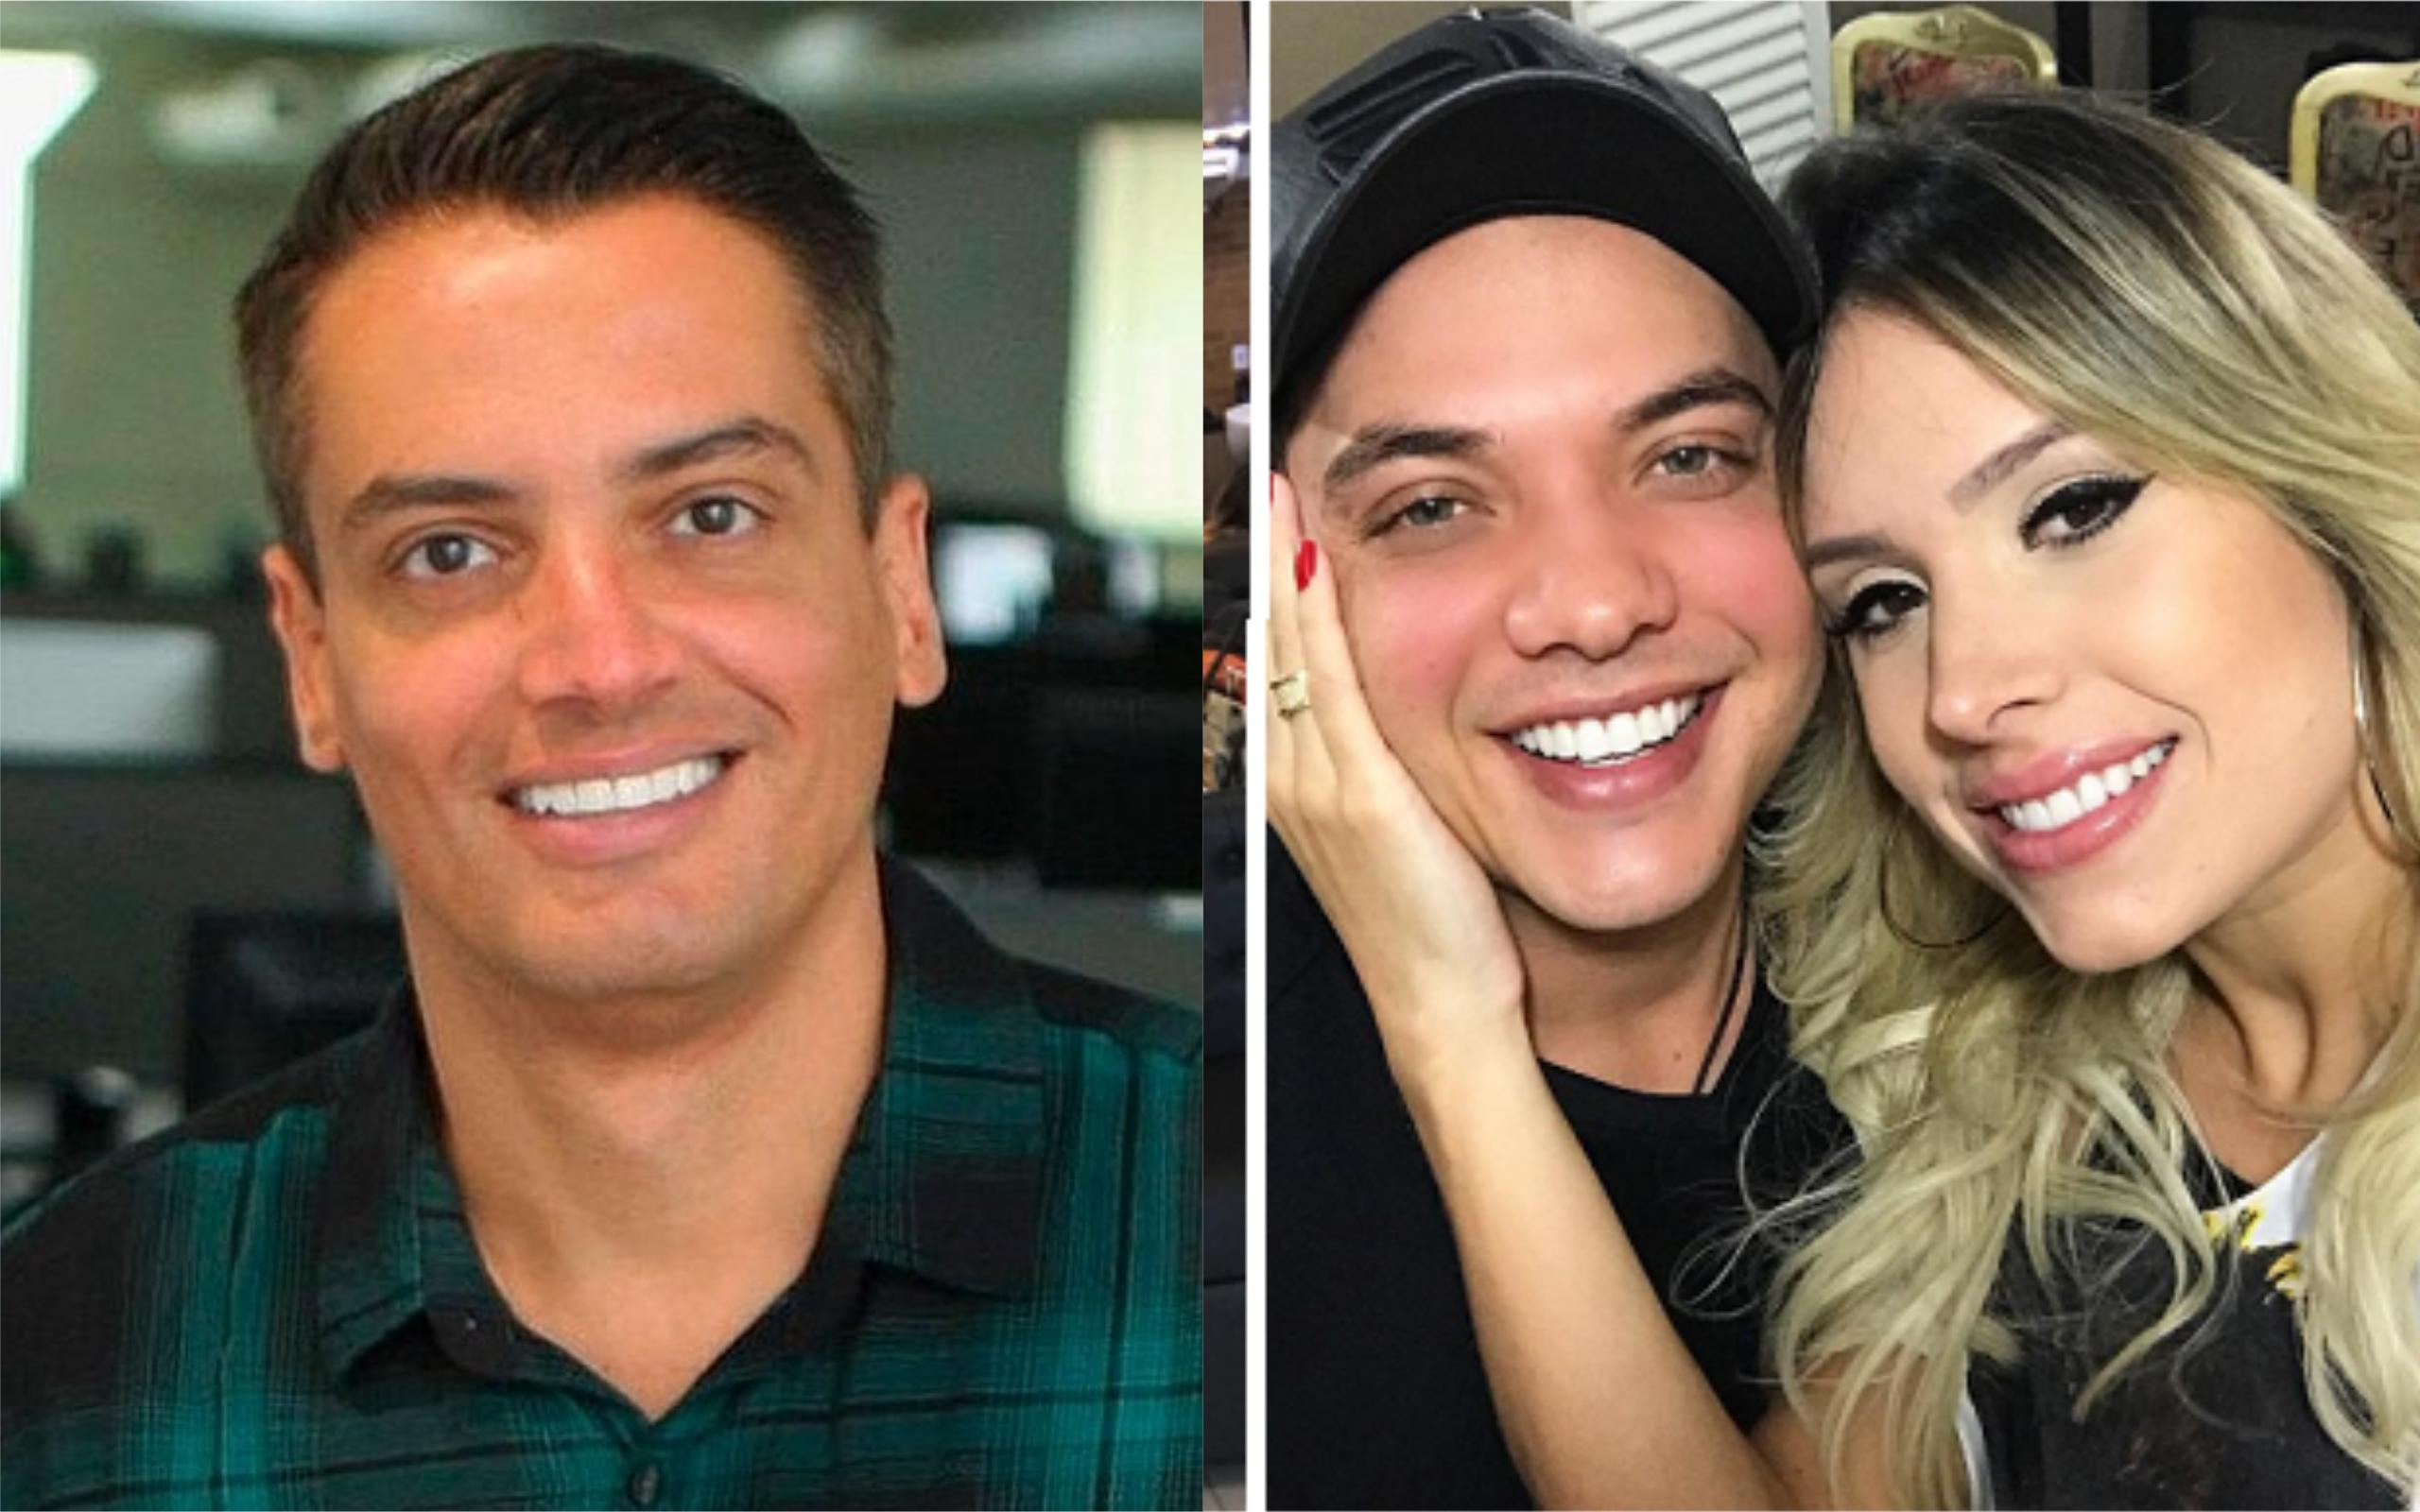 Leo Dias detonou Thyane Dantas após polêmica com Wesley Safadão (Foto: TV Foco)